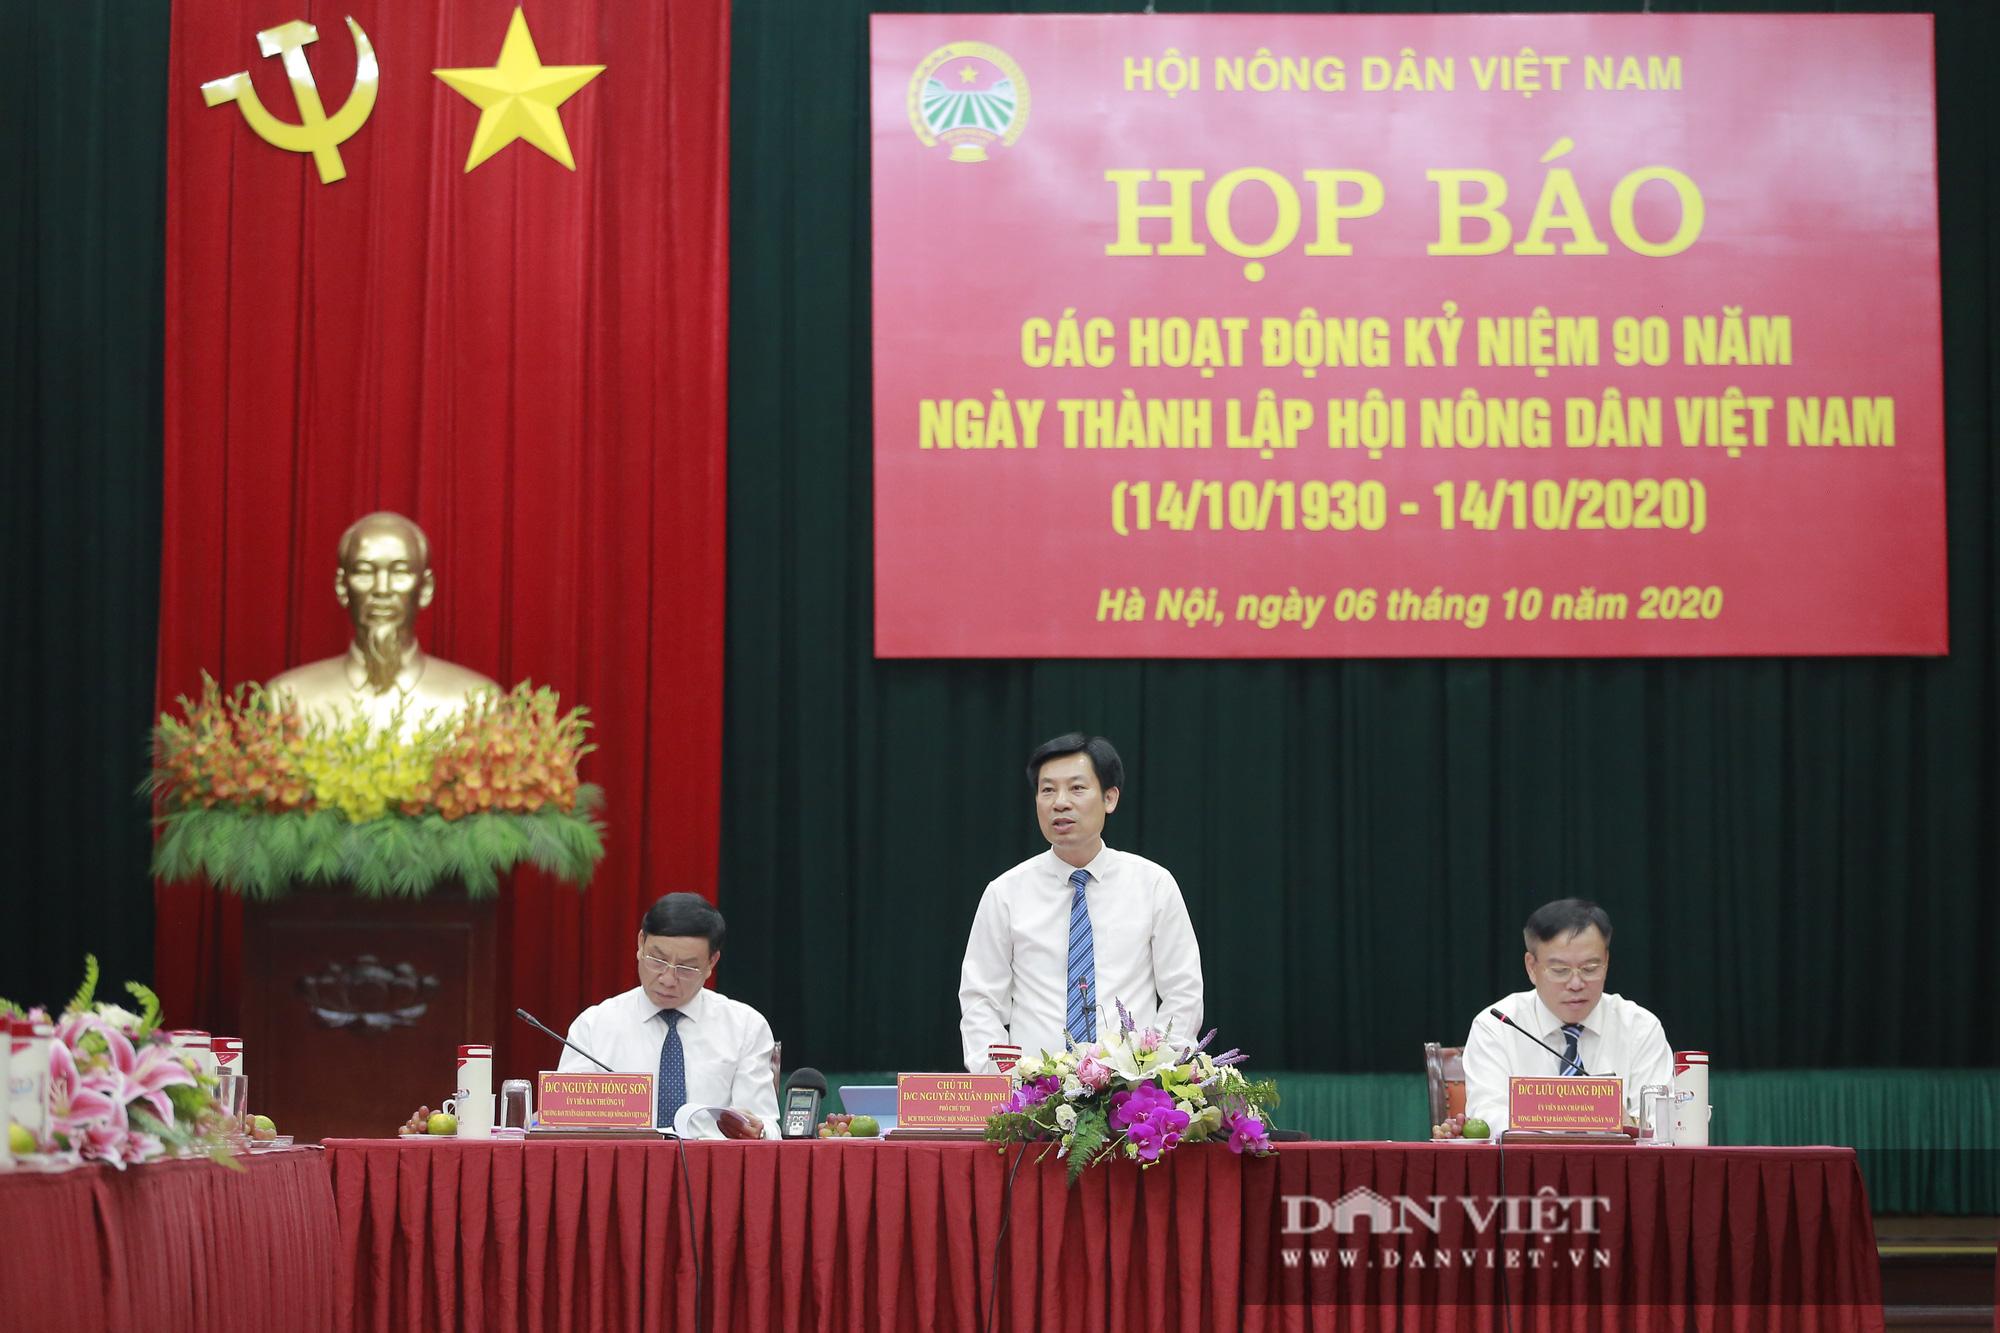 Toàn cảnh Họp báo kỷ niệm 90 năm Ngày thành lập Hội Nông dân Việt Nam - Ảnh 3.